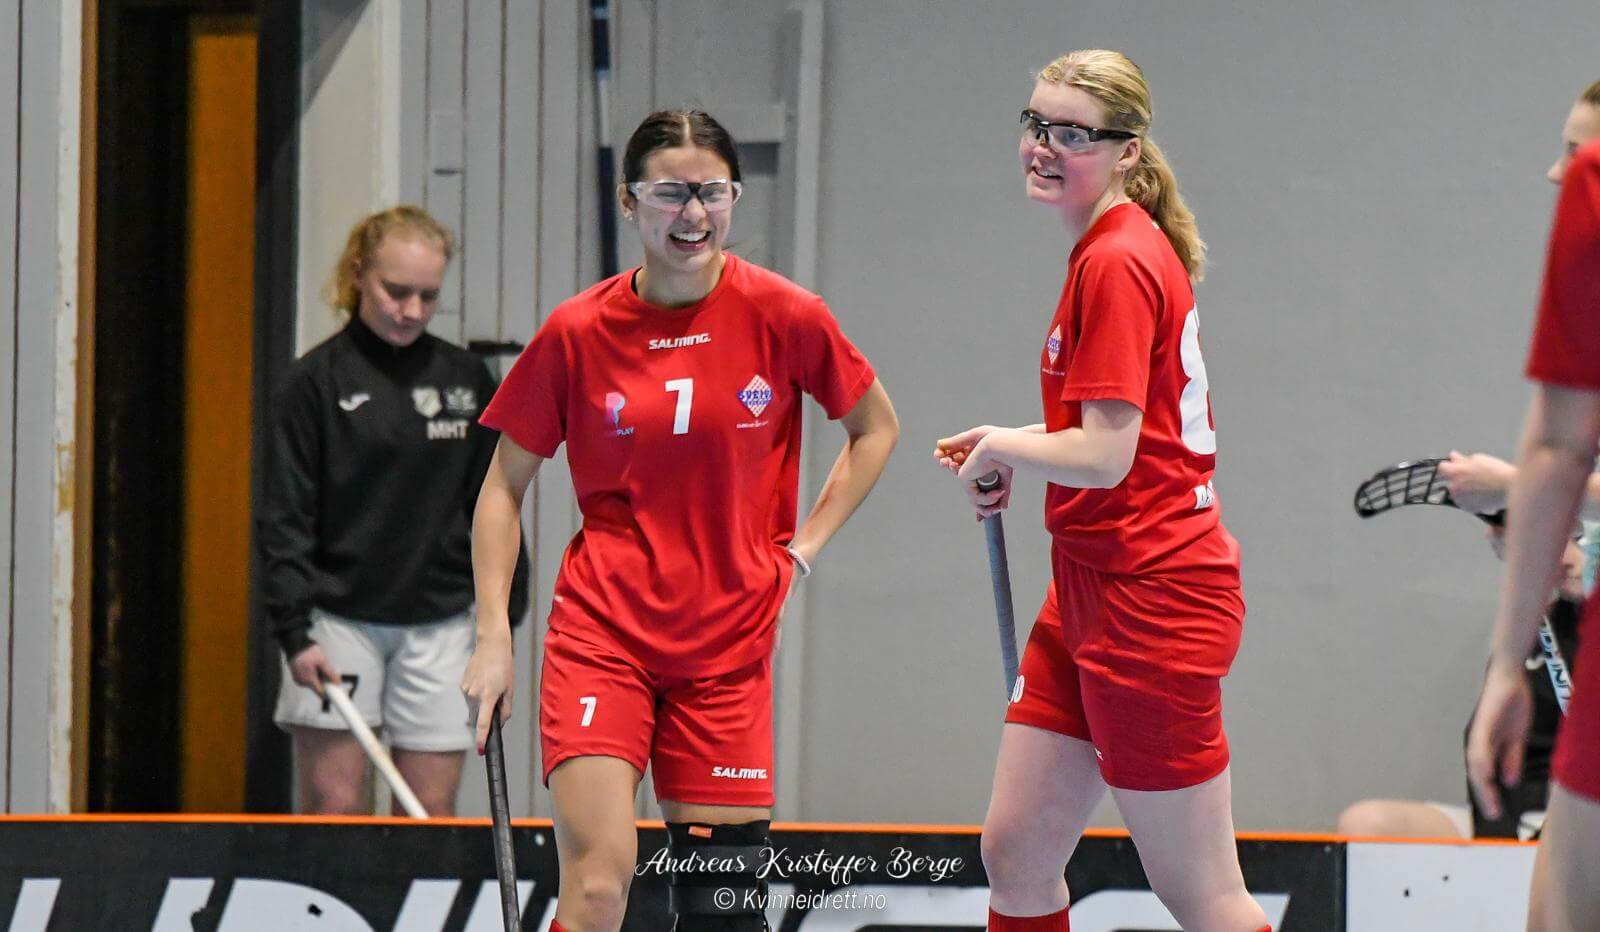 Bilder fra Gjelleråsens oppgjør mot Sveiva i eliteserien for kvinner 19. januar 2021.